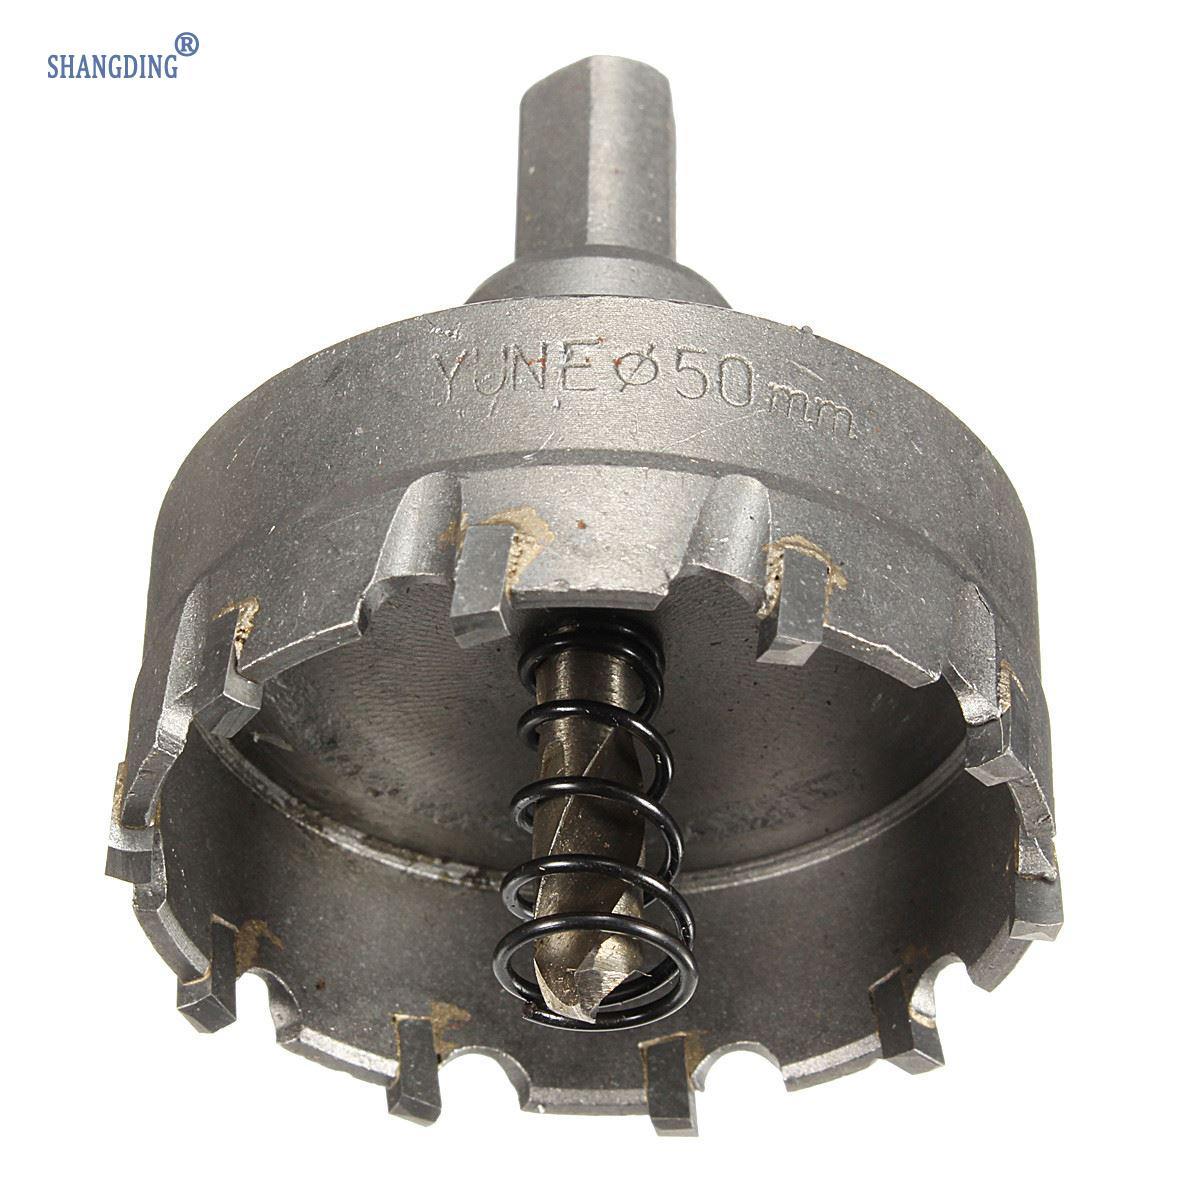 1 sada 48 mm karbidový hrot TCT vrták do kovu s vrtákem na kovovou - Vrták - Fotografie 3